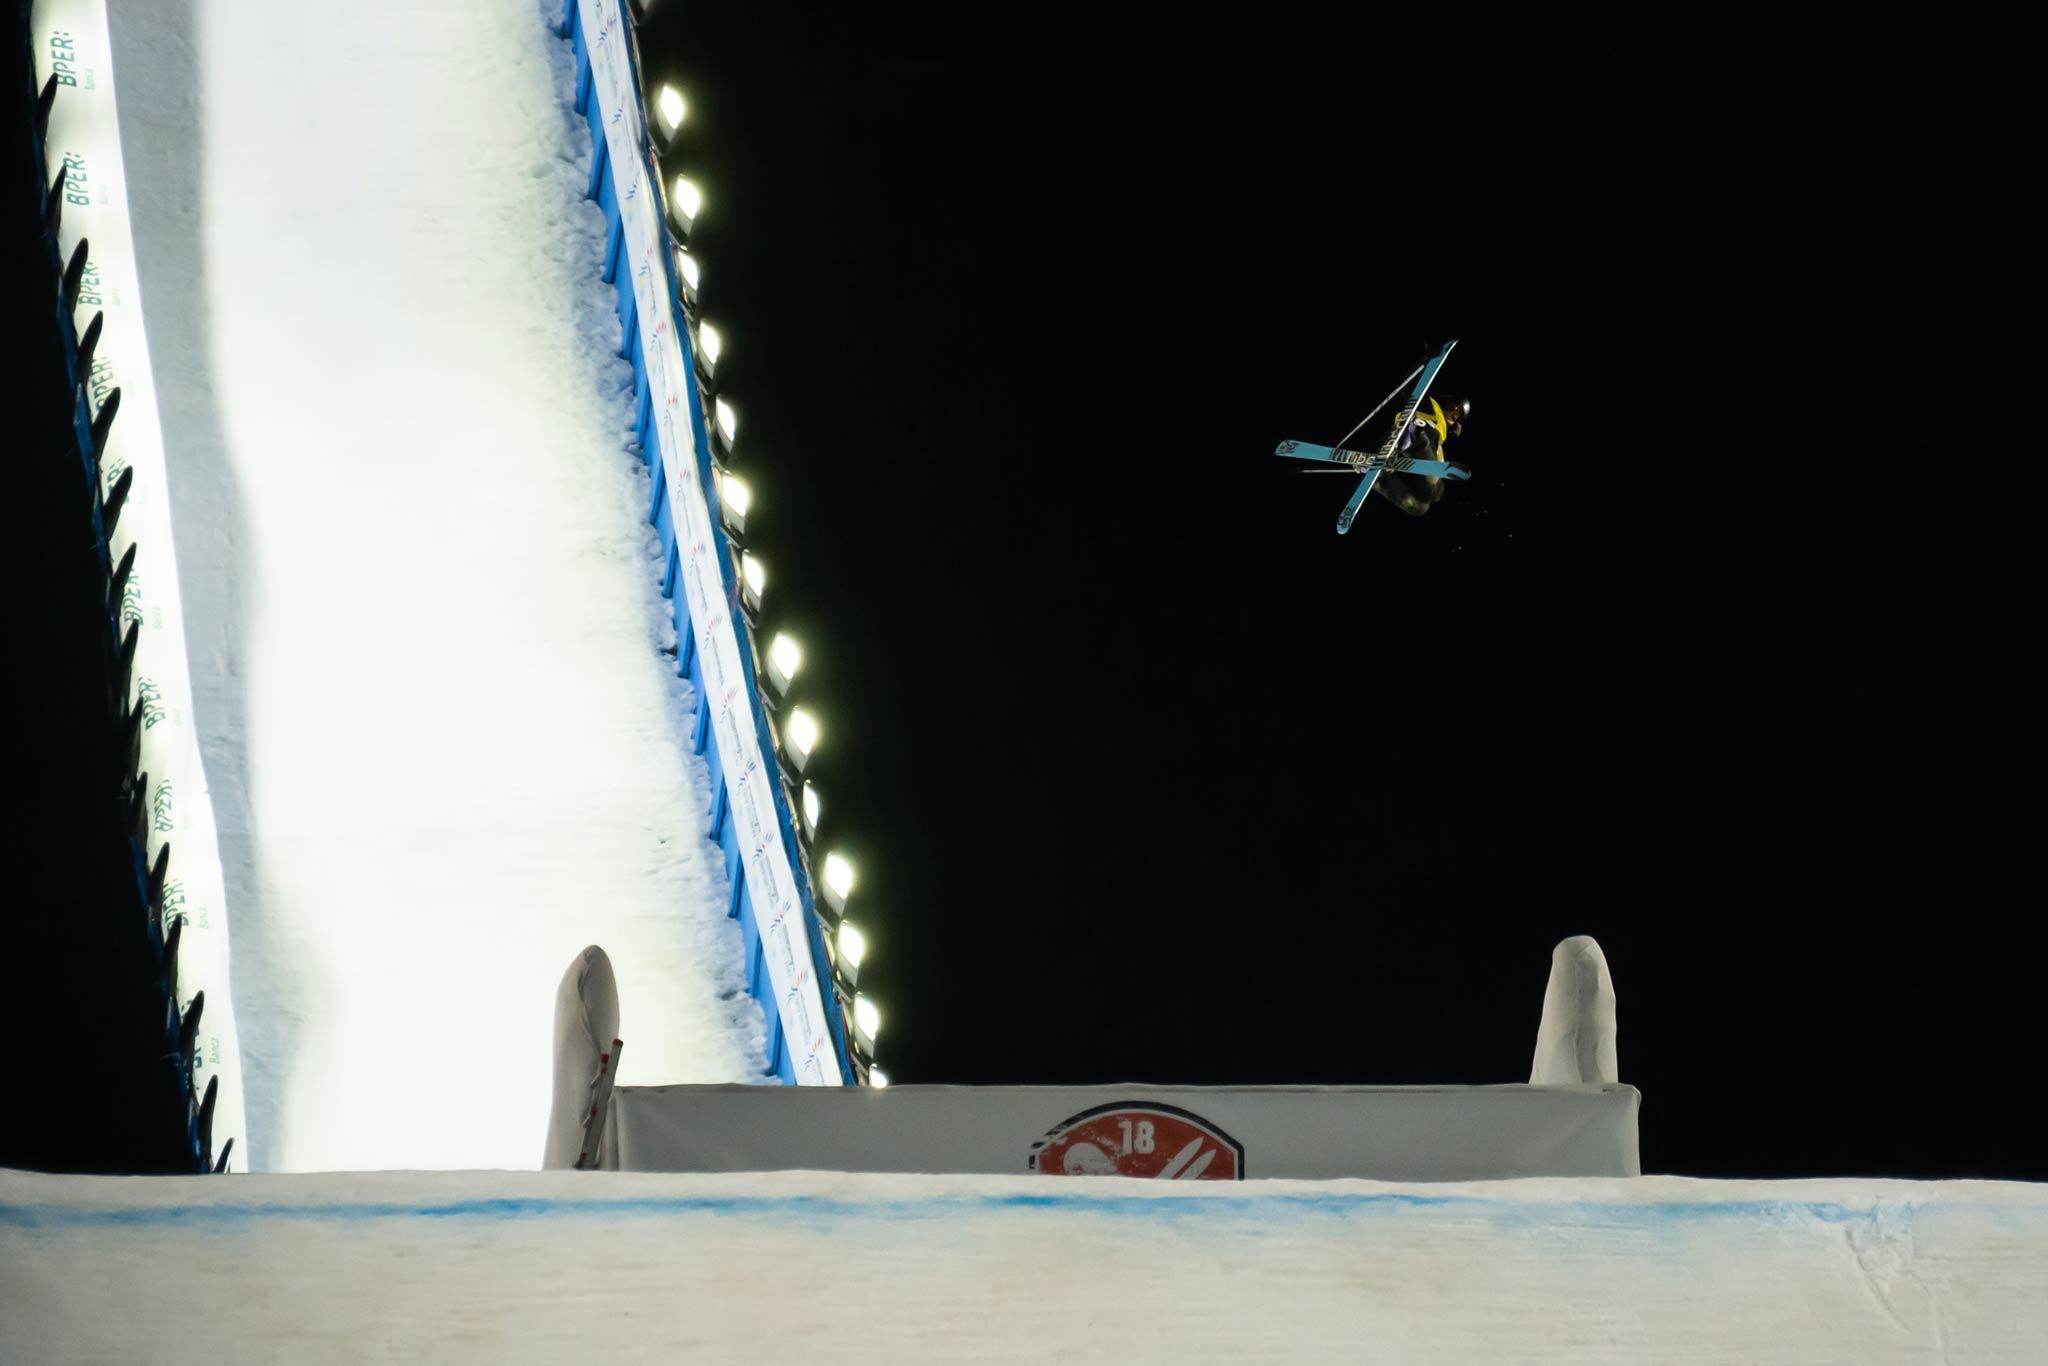 FIS Freestyle Big Air World Cup 18/19 #2: Modena (ITA ) – Ruud und Gremaud gewinnen, Kea Kühnel wird Dritte!